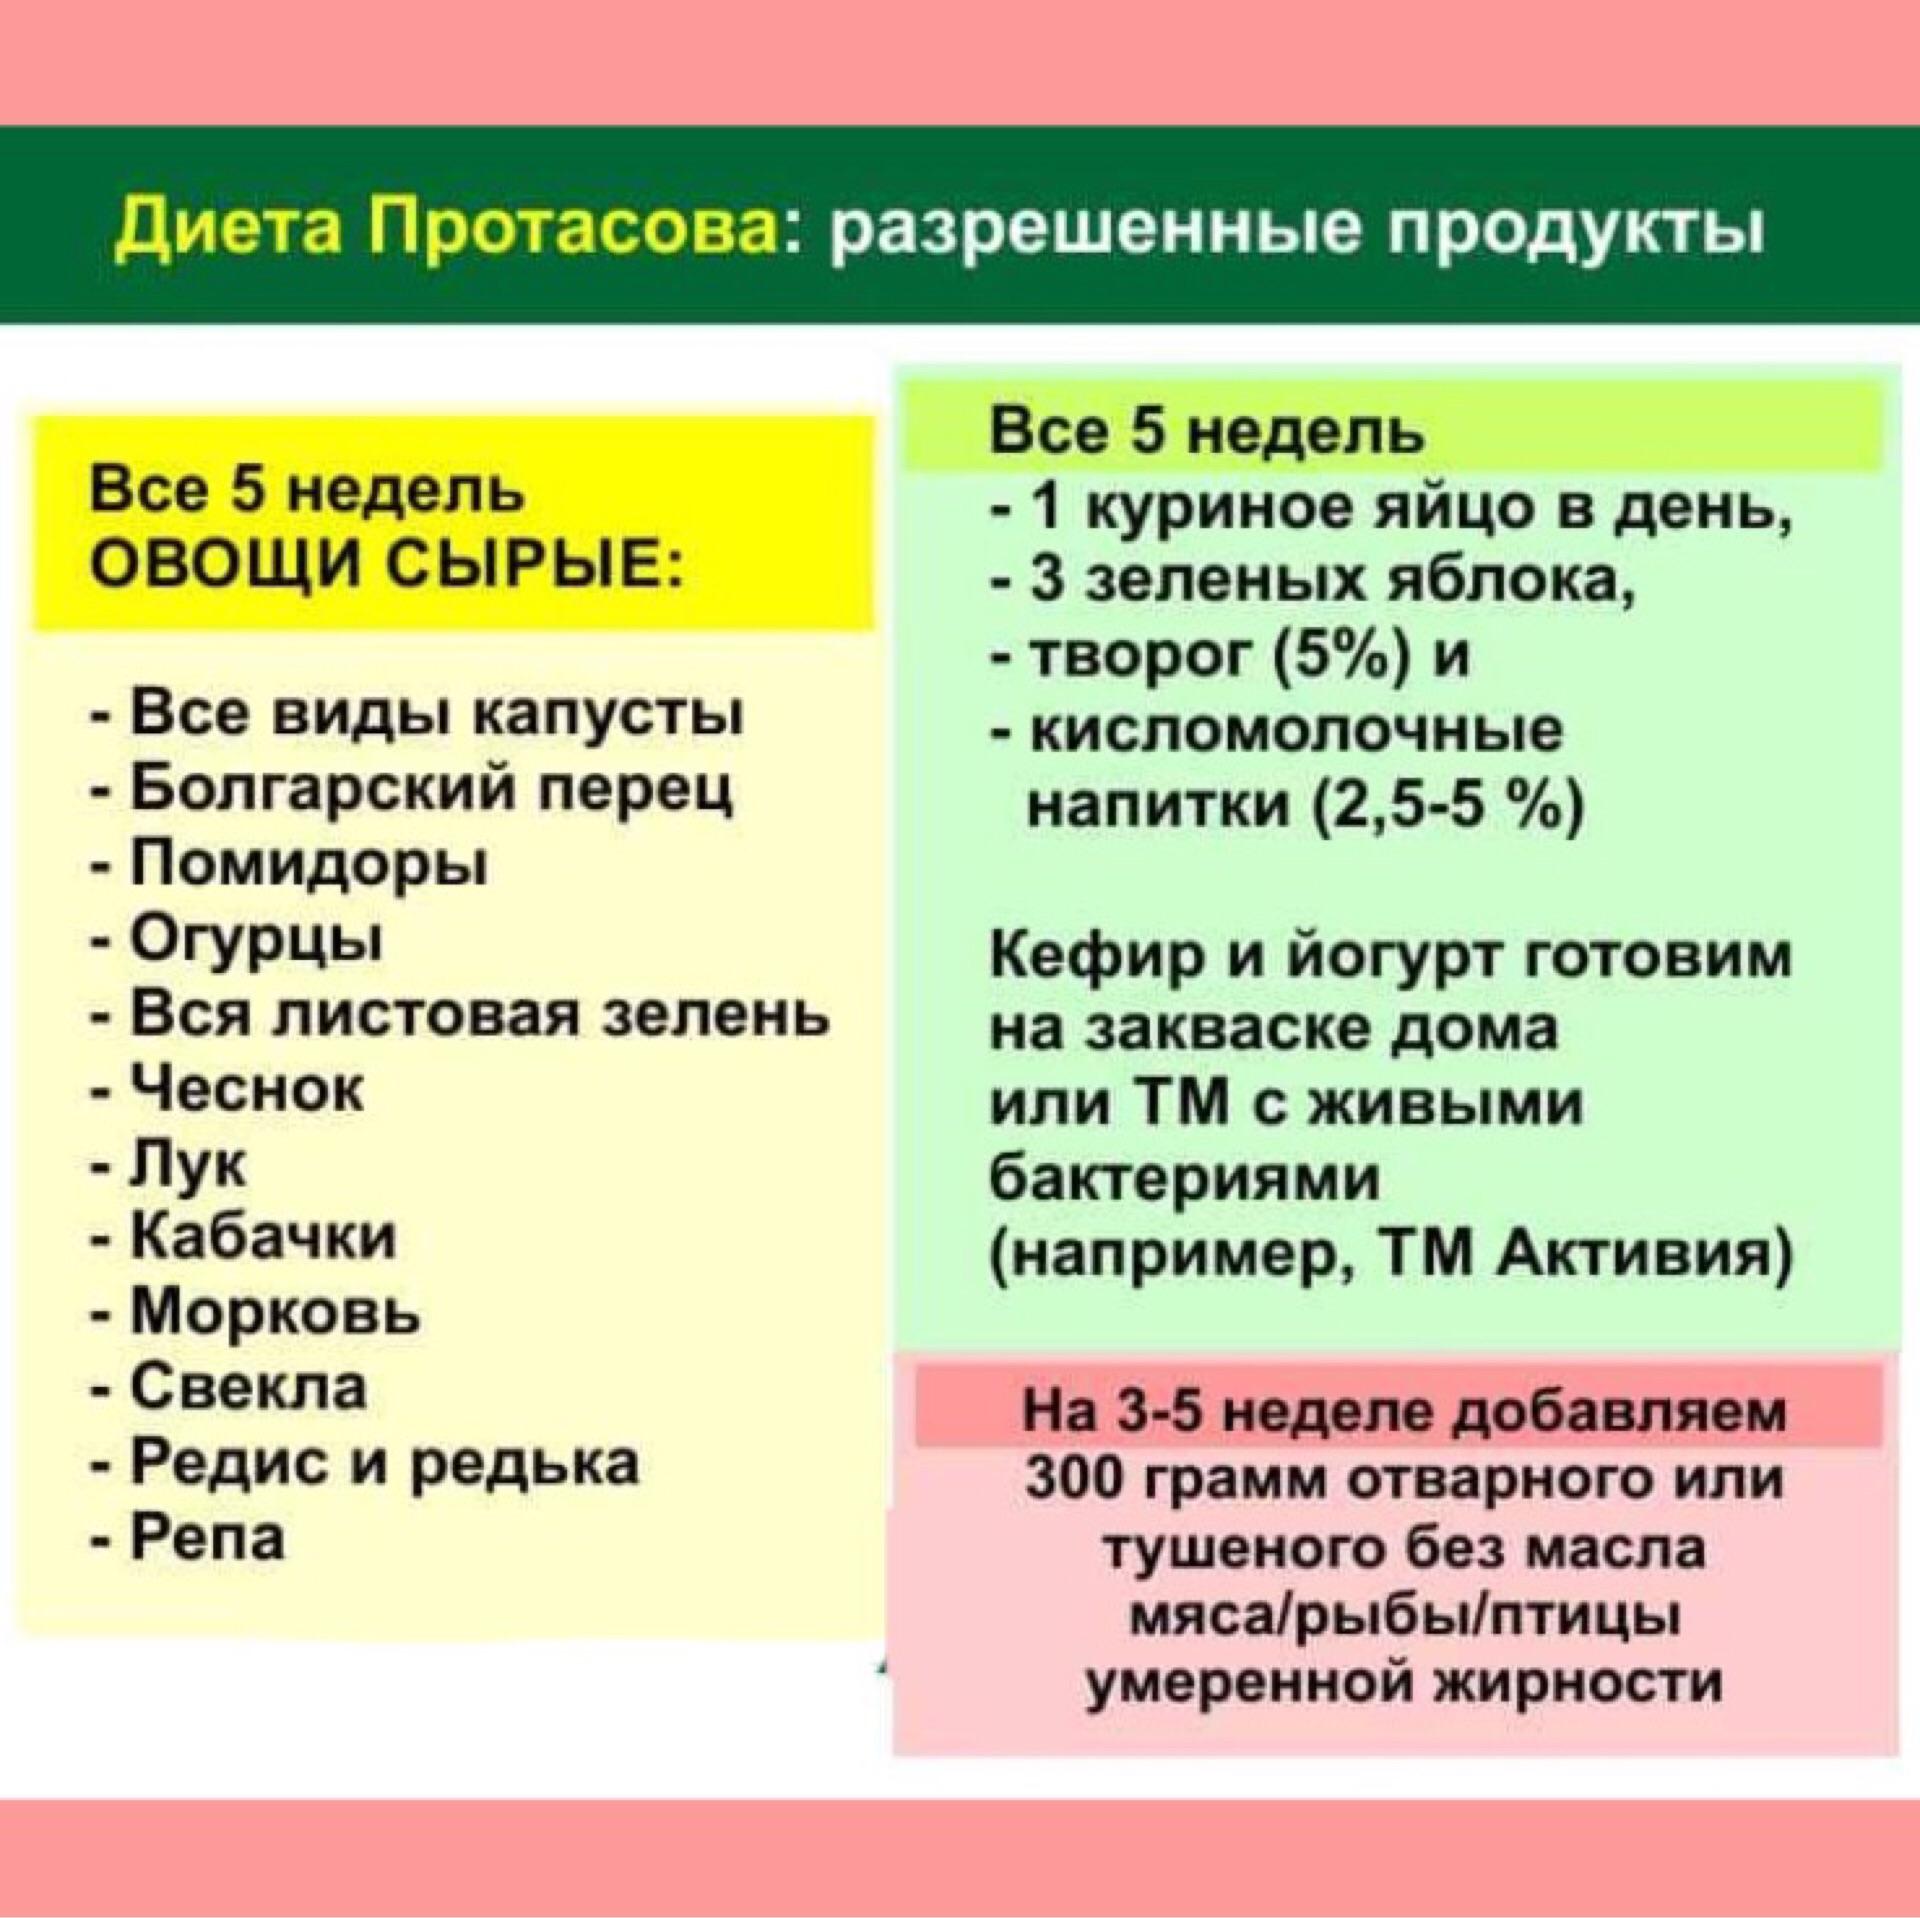 Диета Кима Протасова Едимка.